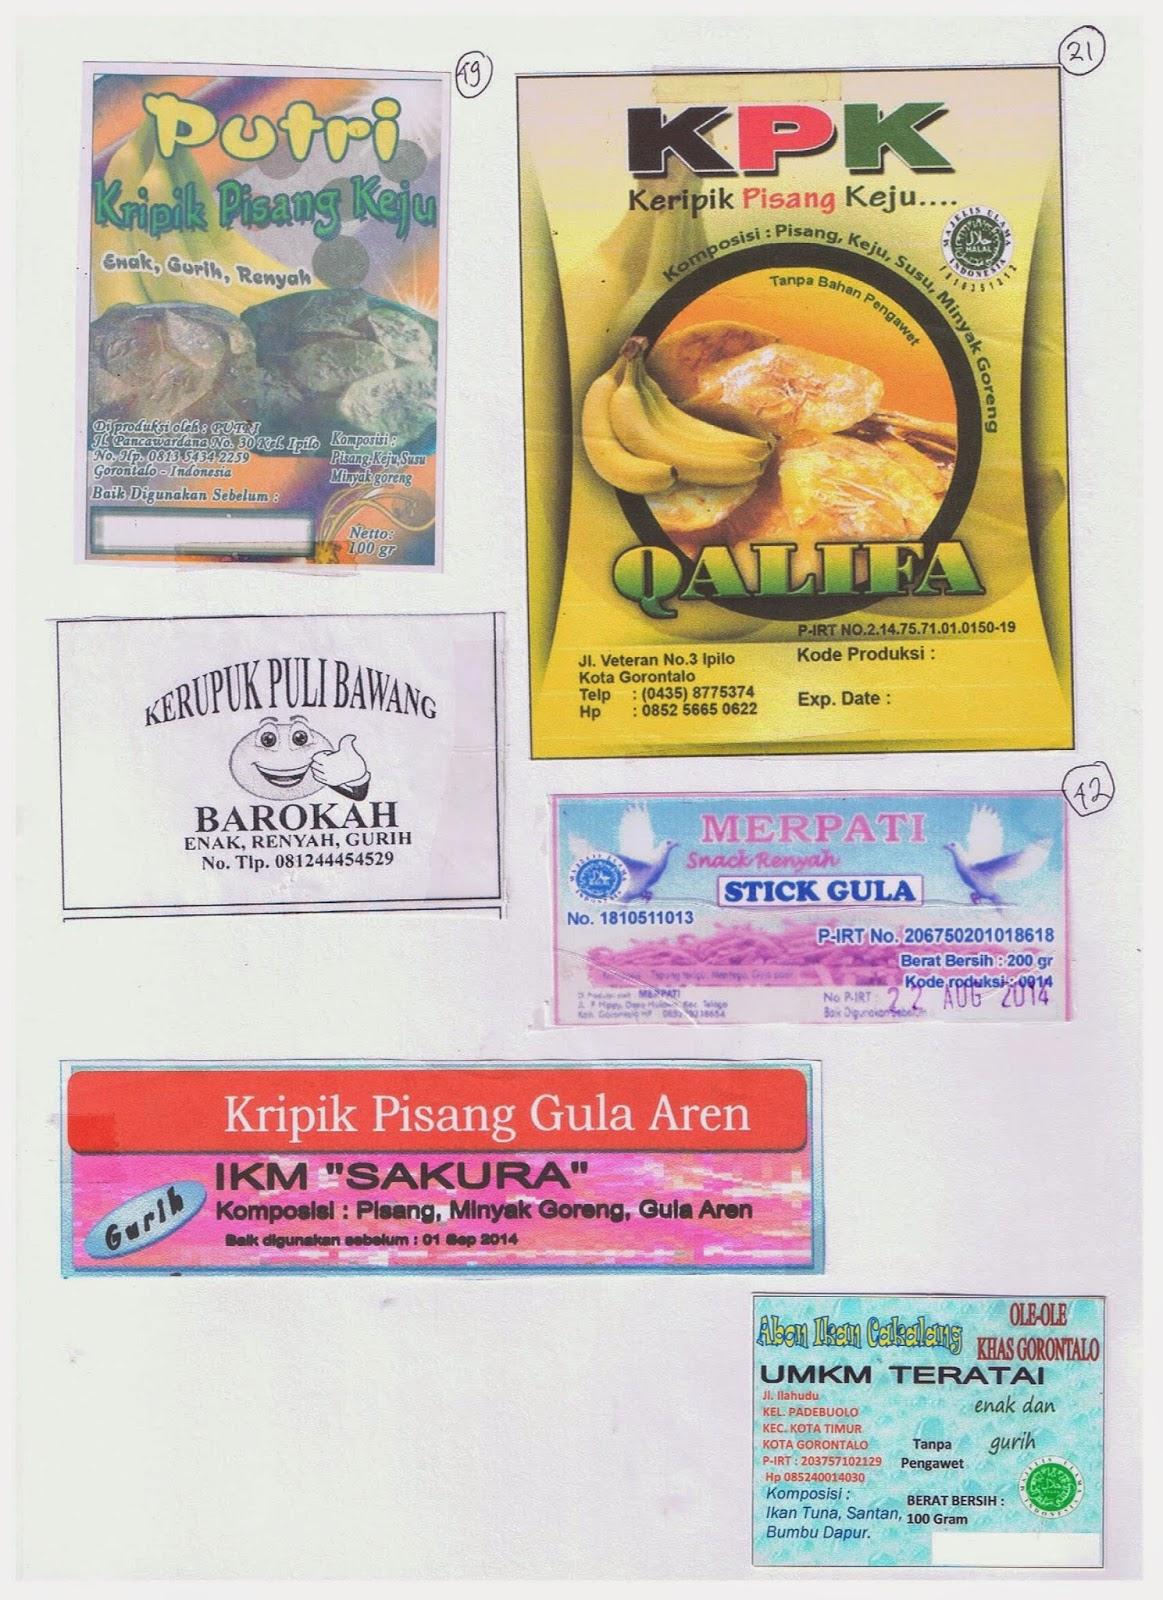 Produk Ukm Kripik Talas Organik Lereng Gunung Muria Rasa Balado Sapi Panggang Original 1 Paket Isi 2 Random Ayooukm Prodik Provensi Gorontalo Kab